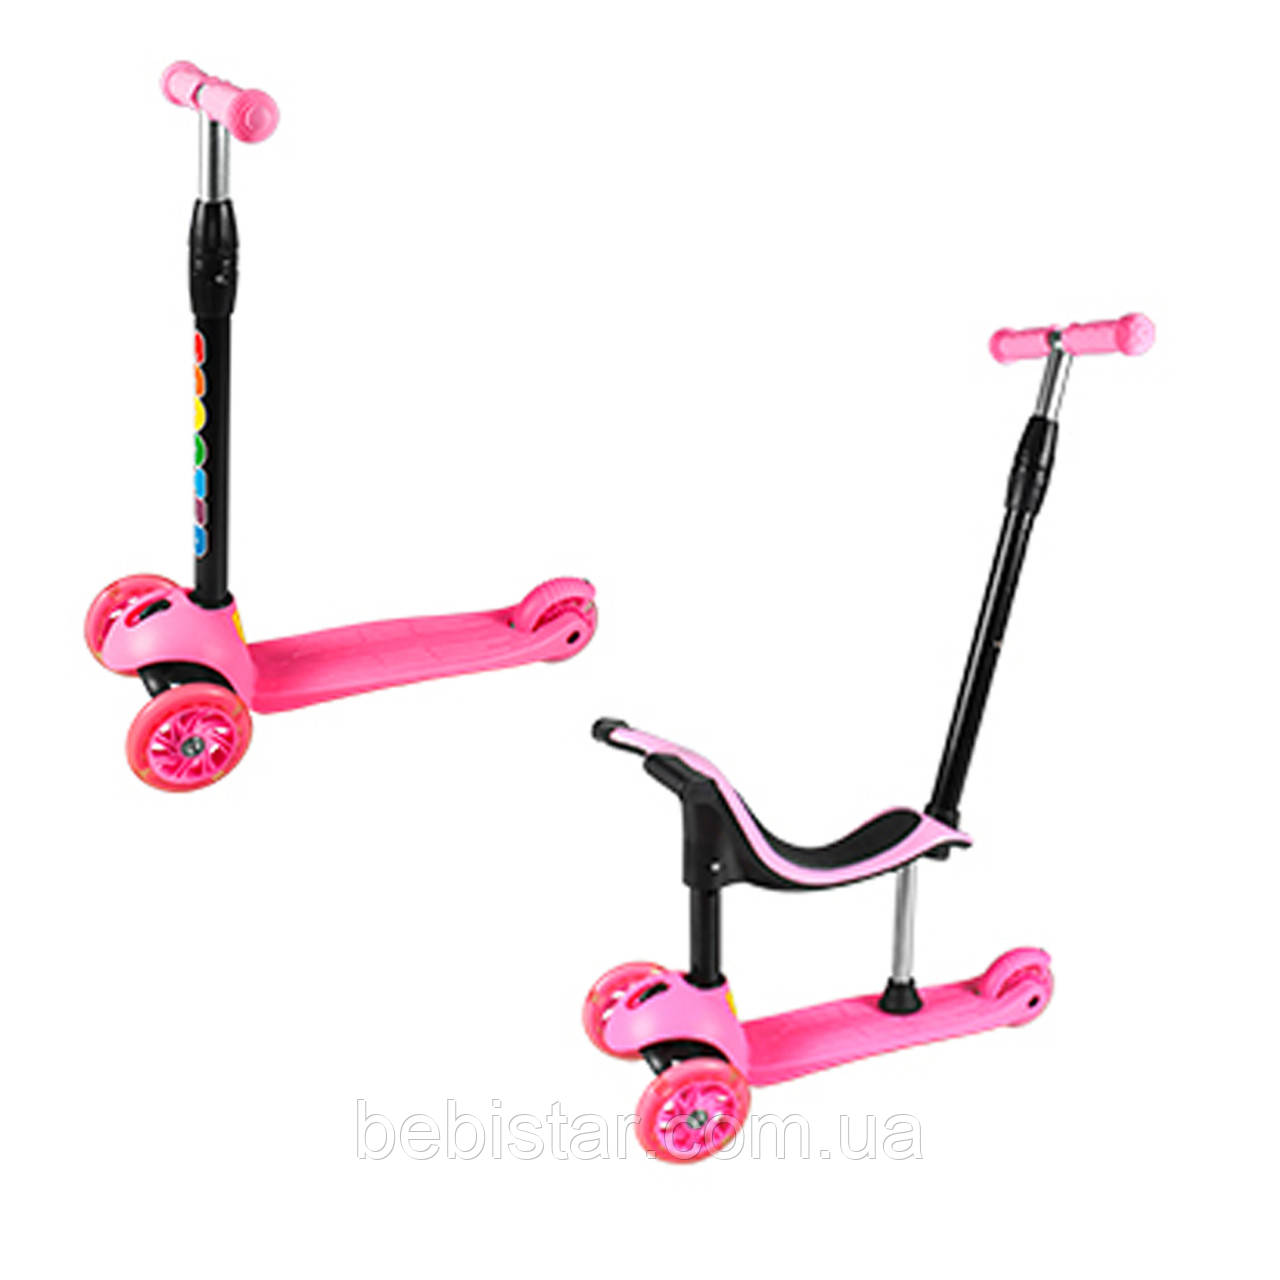 Самокат, беговел и каталка с ручкой и светящимися колесами, розовый для малышей от 1,5 года